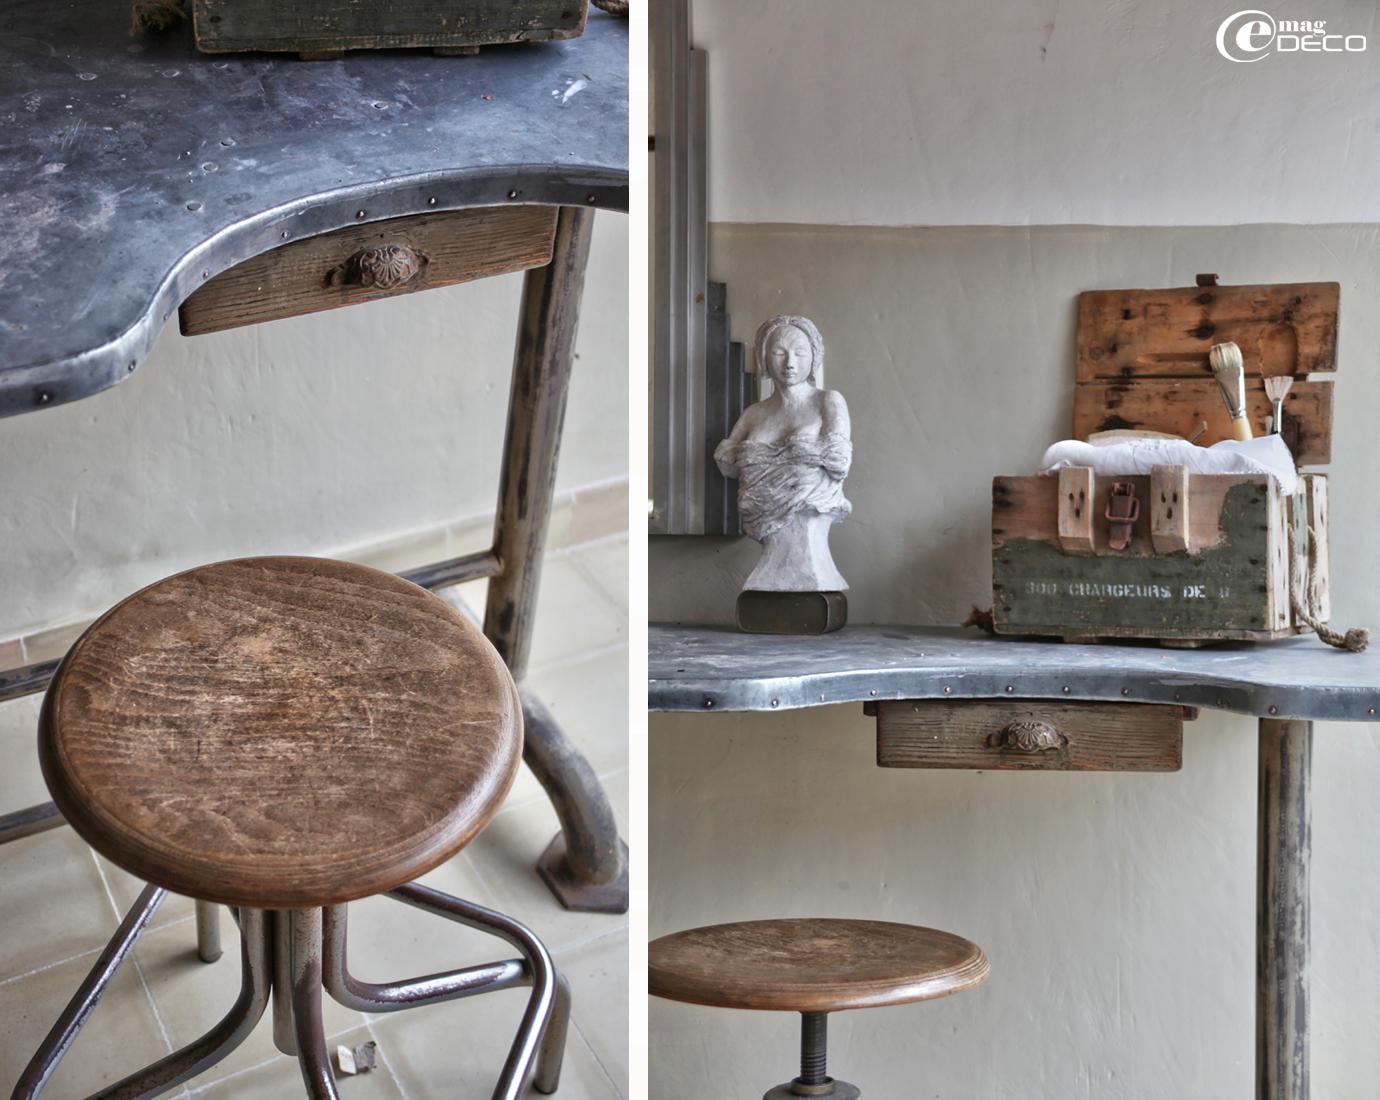 Table de bijoutier détournée en table d'atelier d'artiste sculpteur